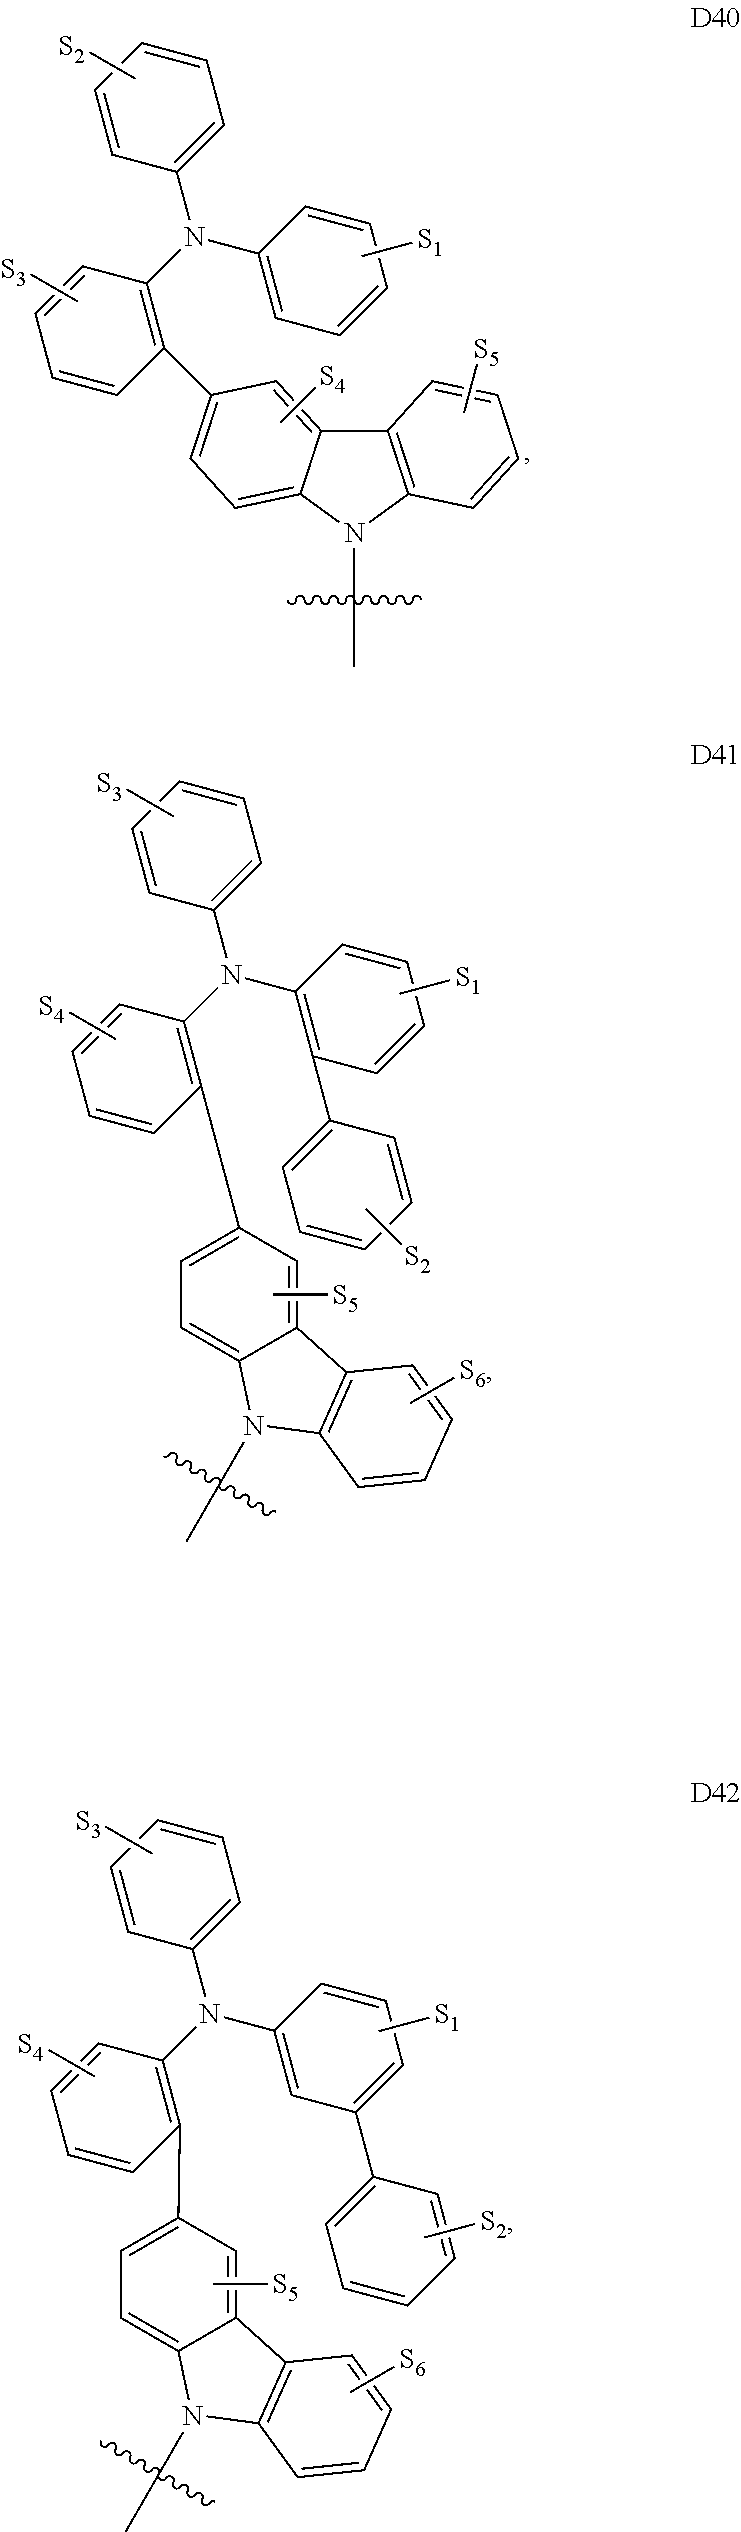 Figure US09324949-20160426-C00058